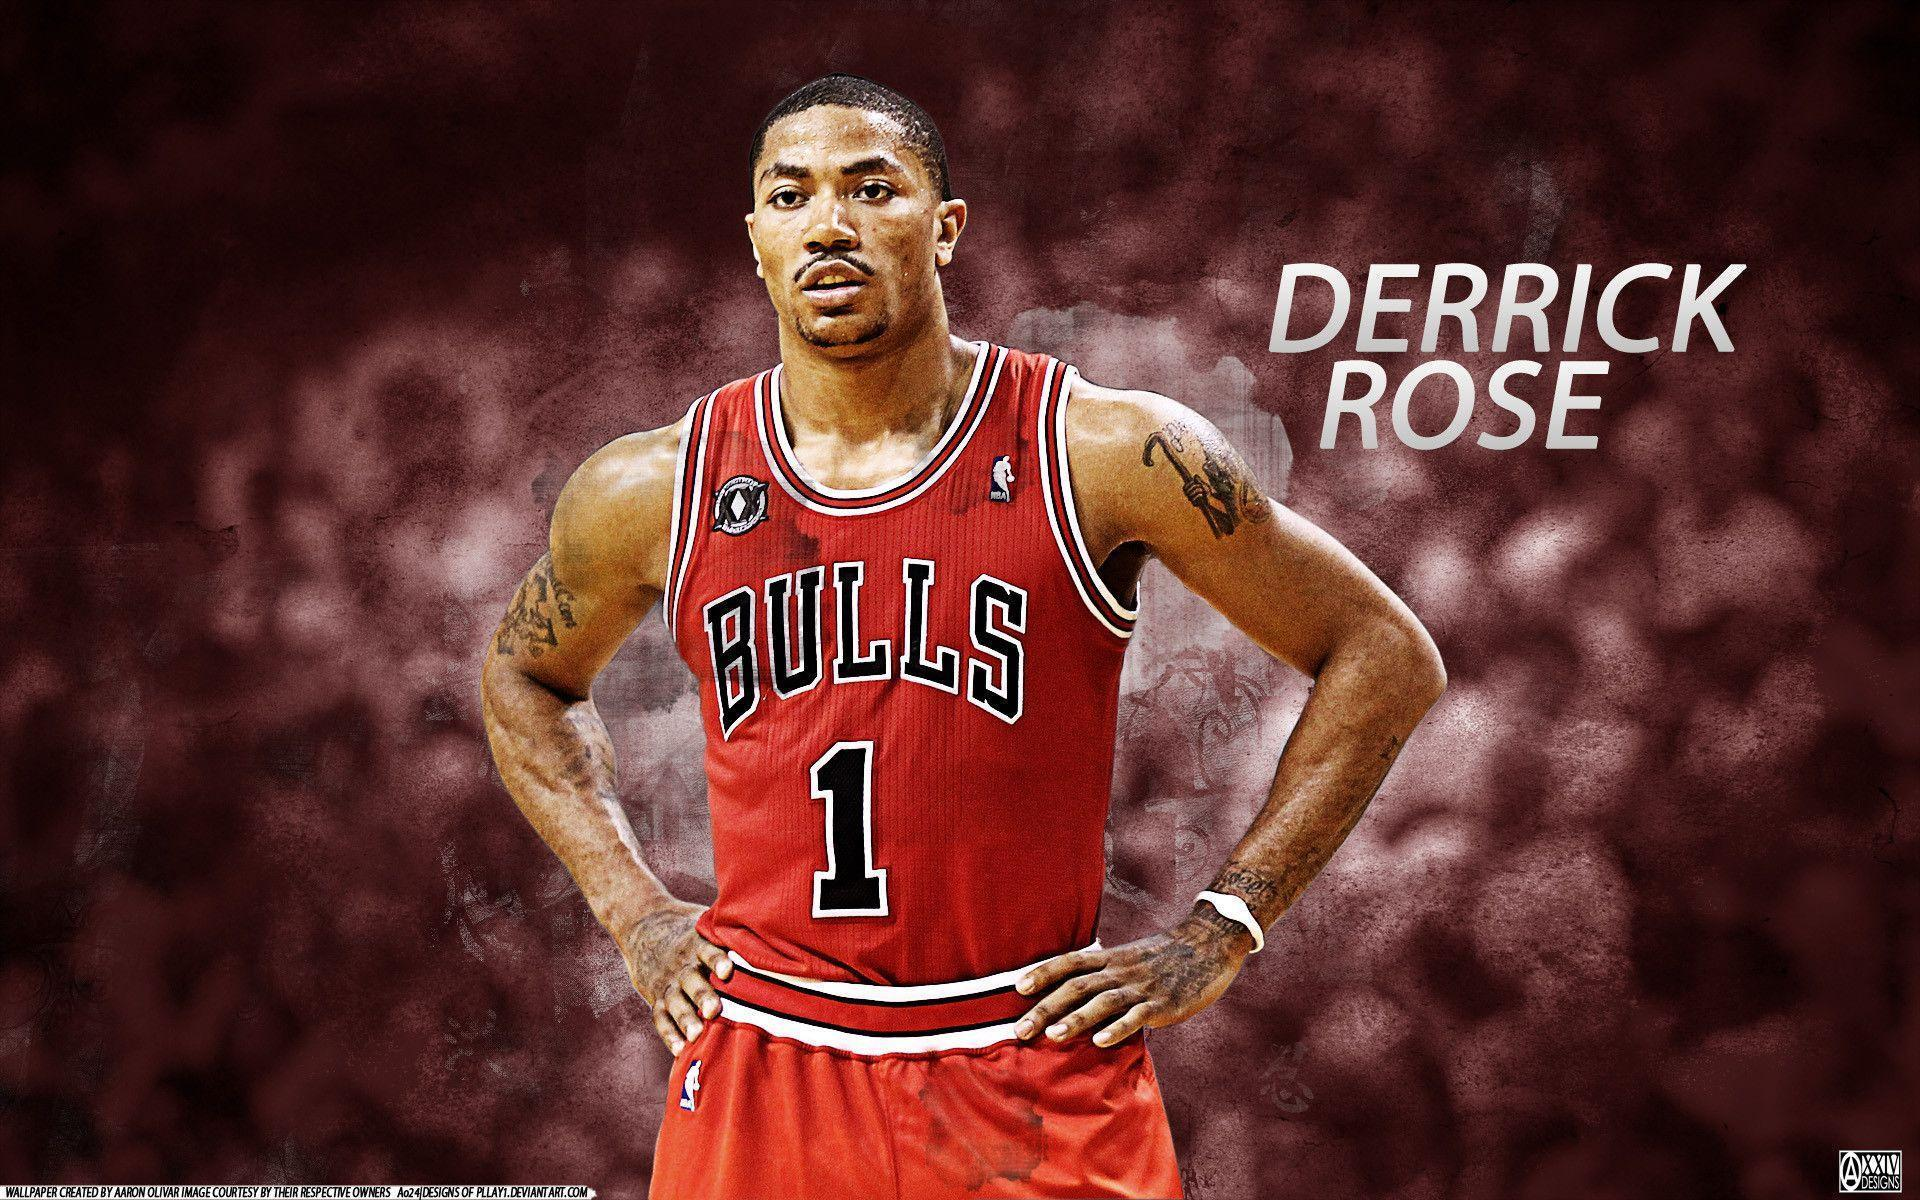 Derrick Rose MVP Wallpapers - Wallpaper Cave